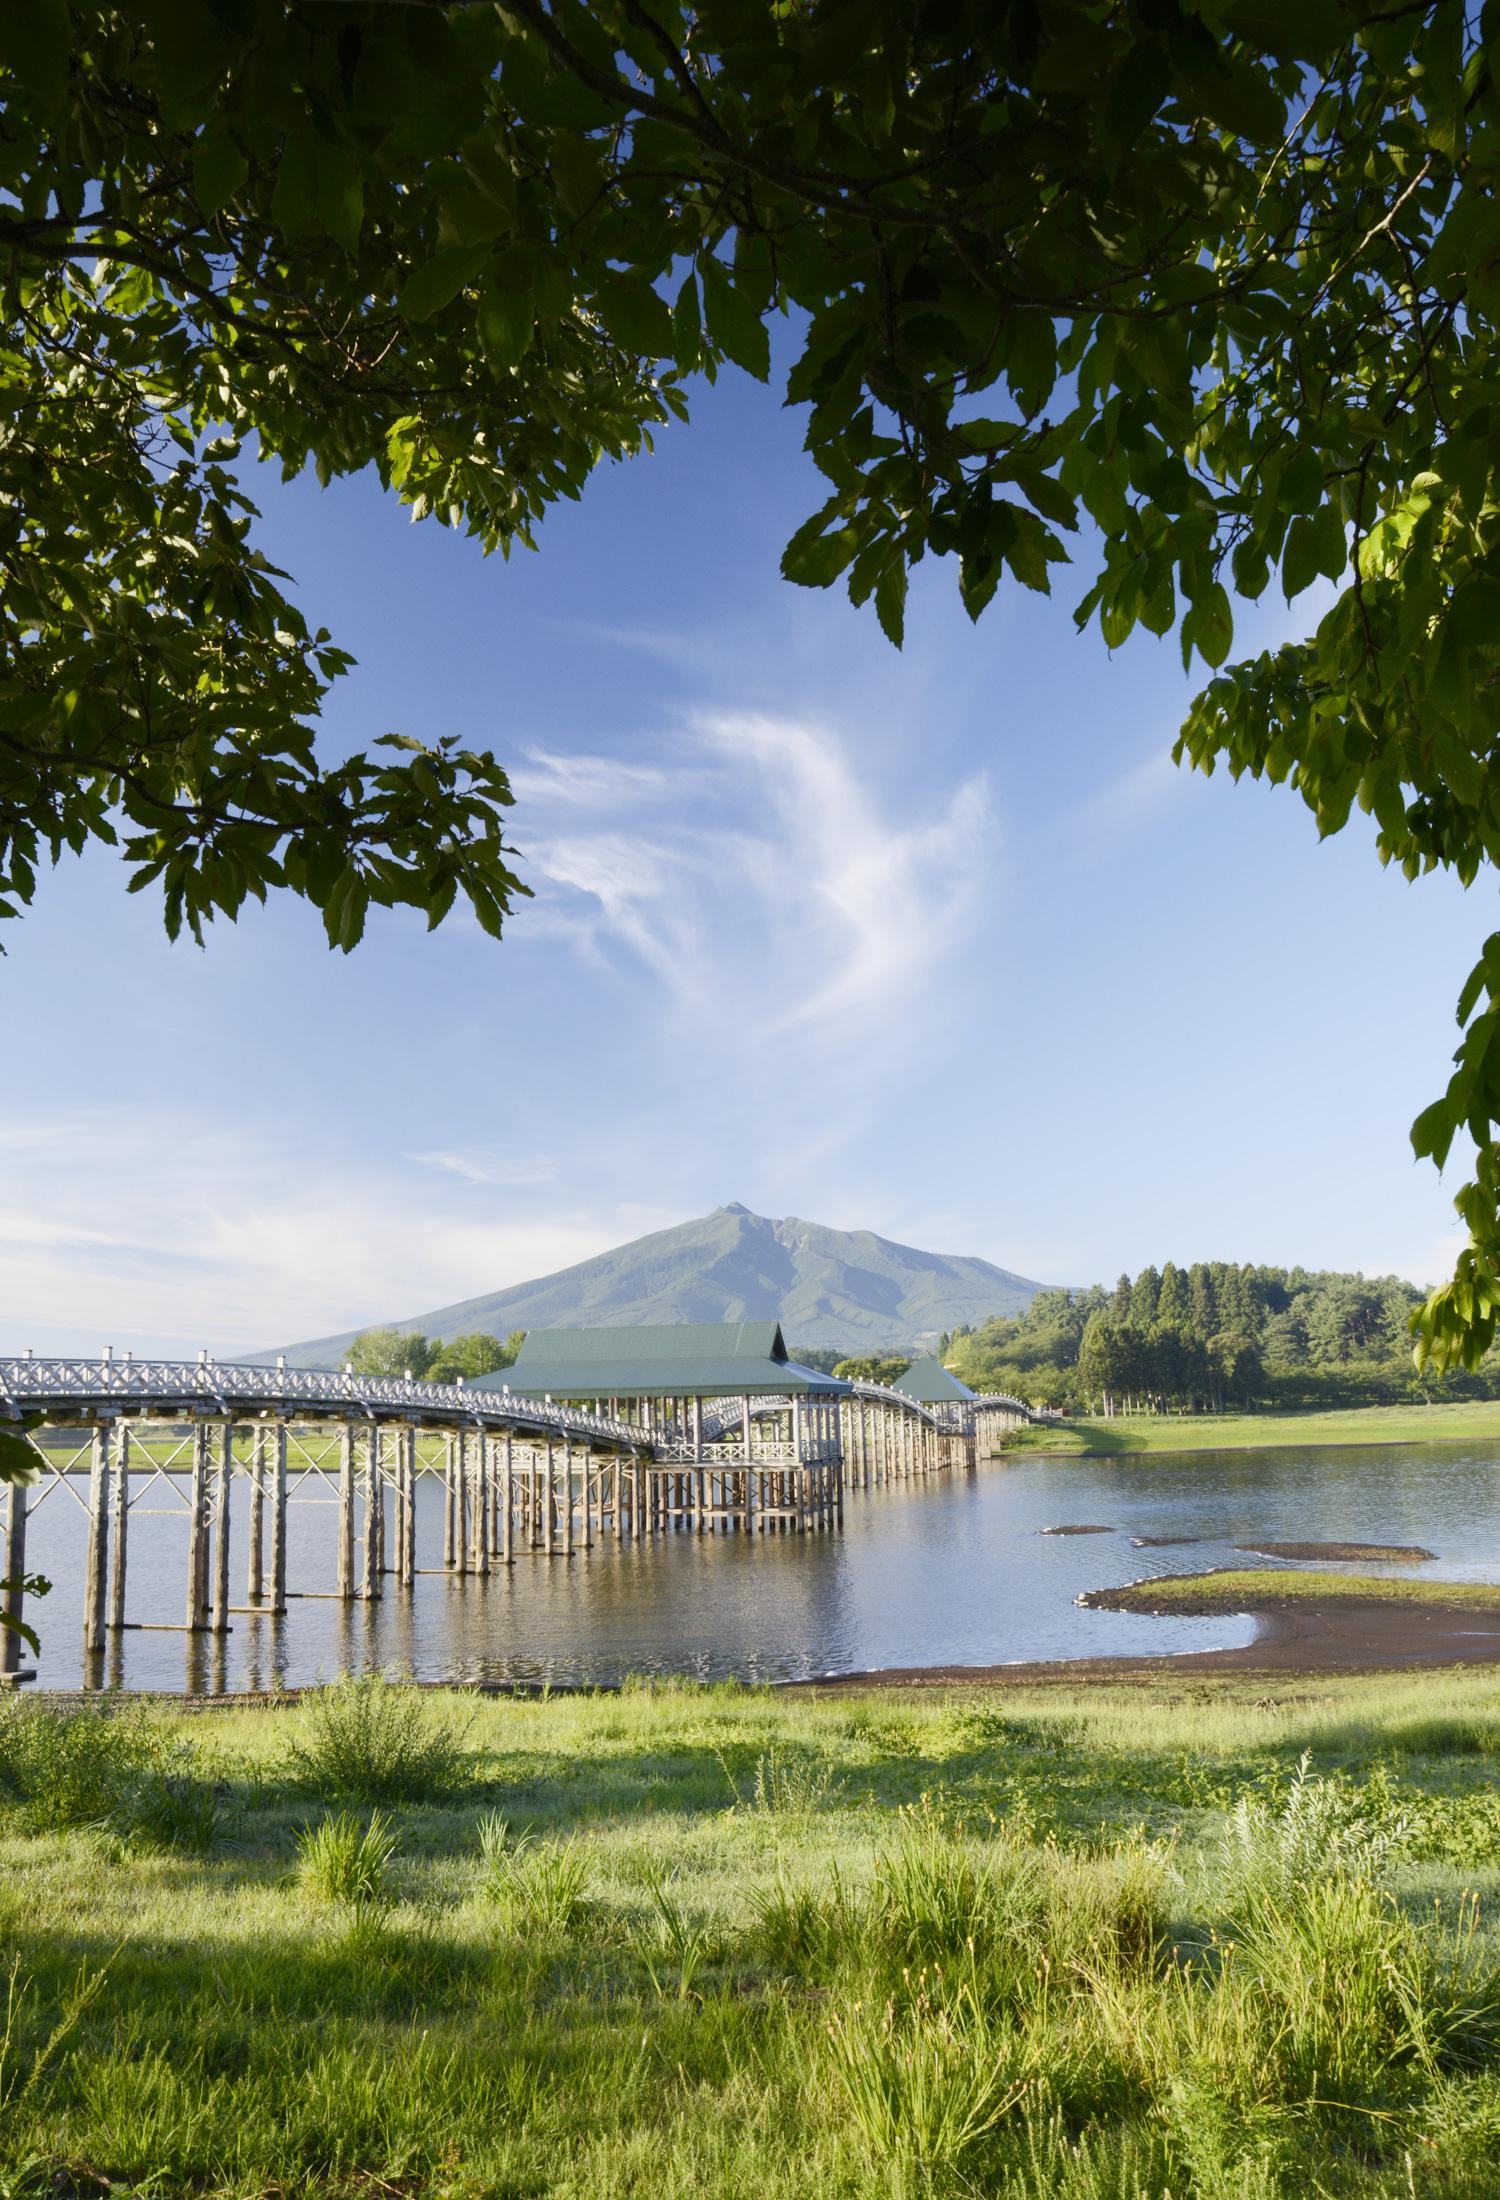 津轻富士见湖搭建了日本最长木桥